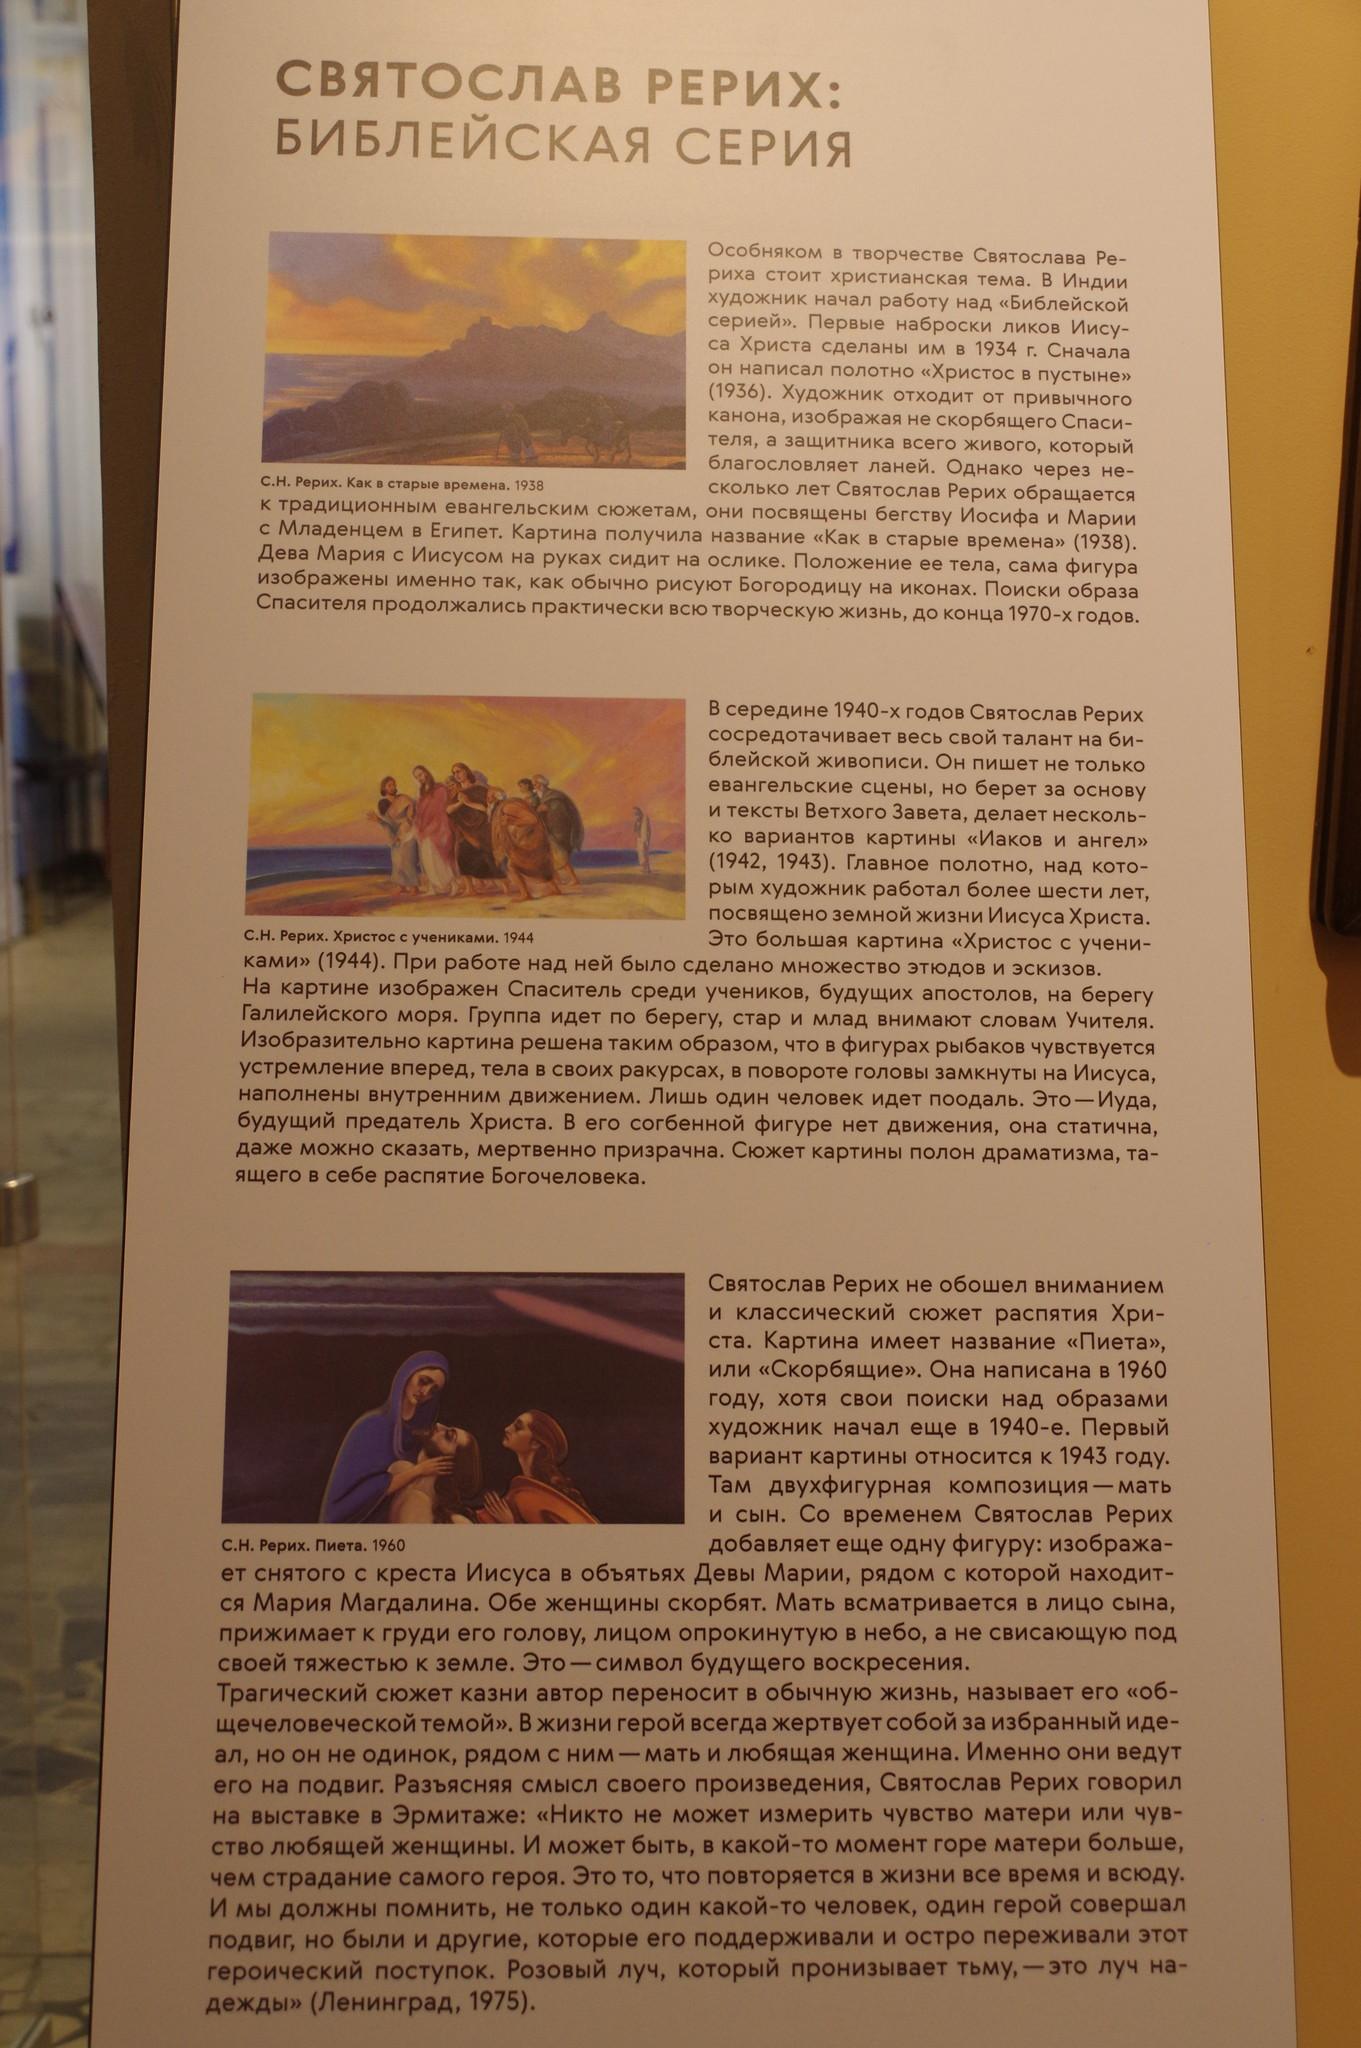 Святослав Рерих: Библейская серия. Музей Рерихов (филиал Государственного Музея Востока) на ВДНХ